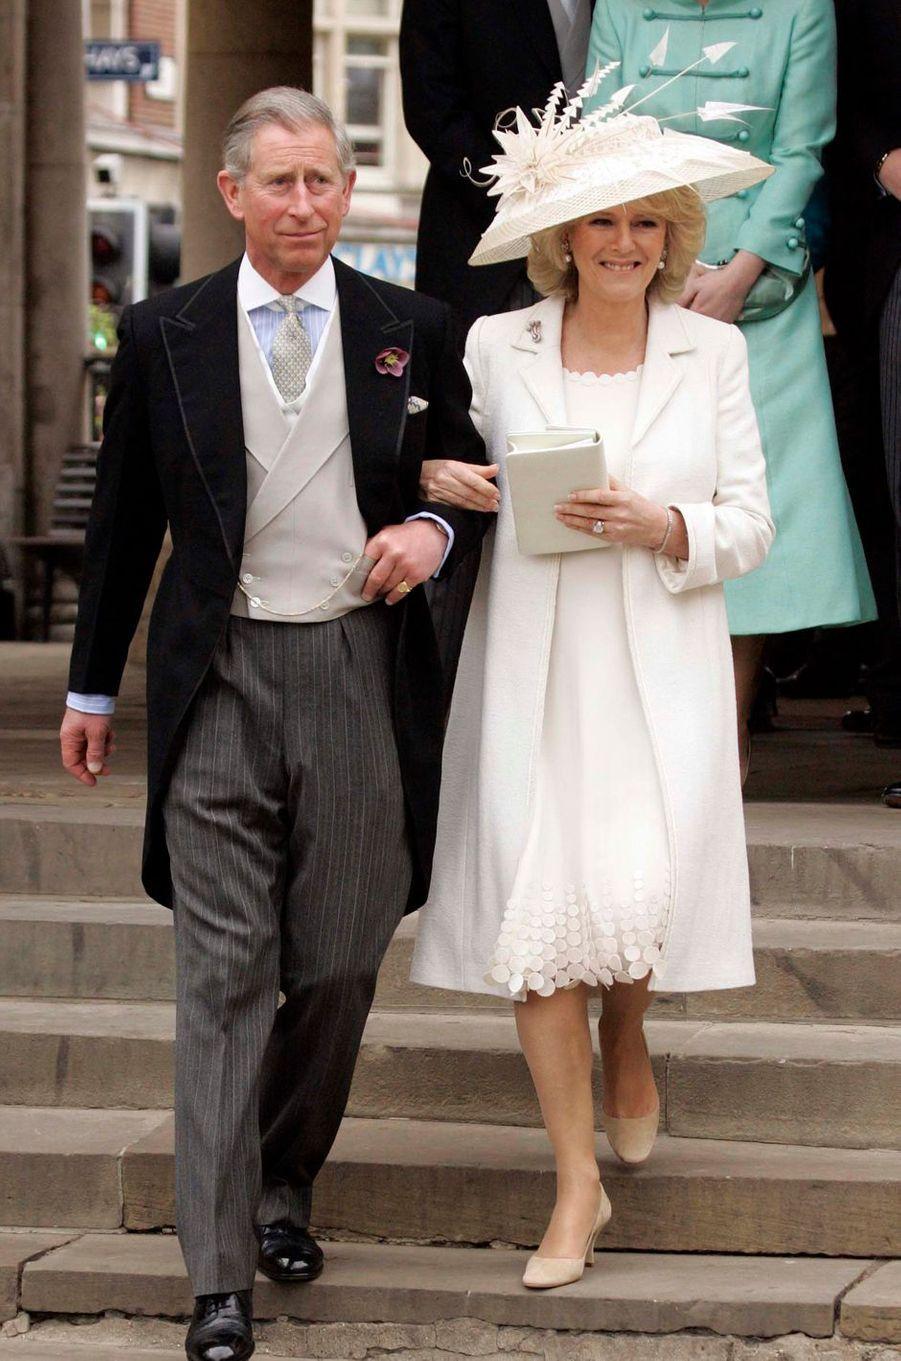 La tenue de Camilla Parker Bowles pour son mariage civil avec le prince Charles, le 9 avril 2005